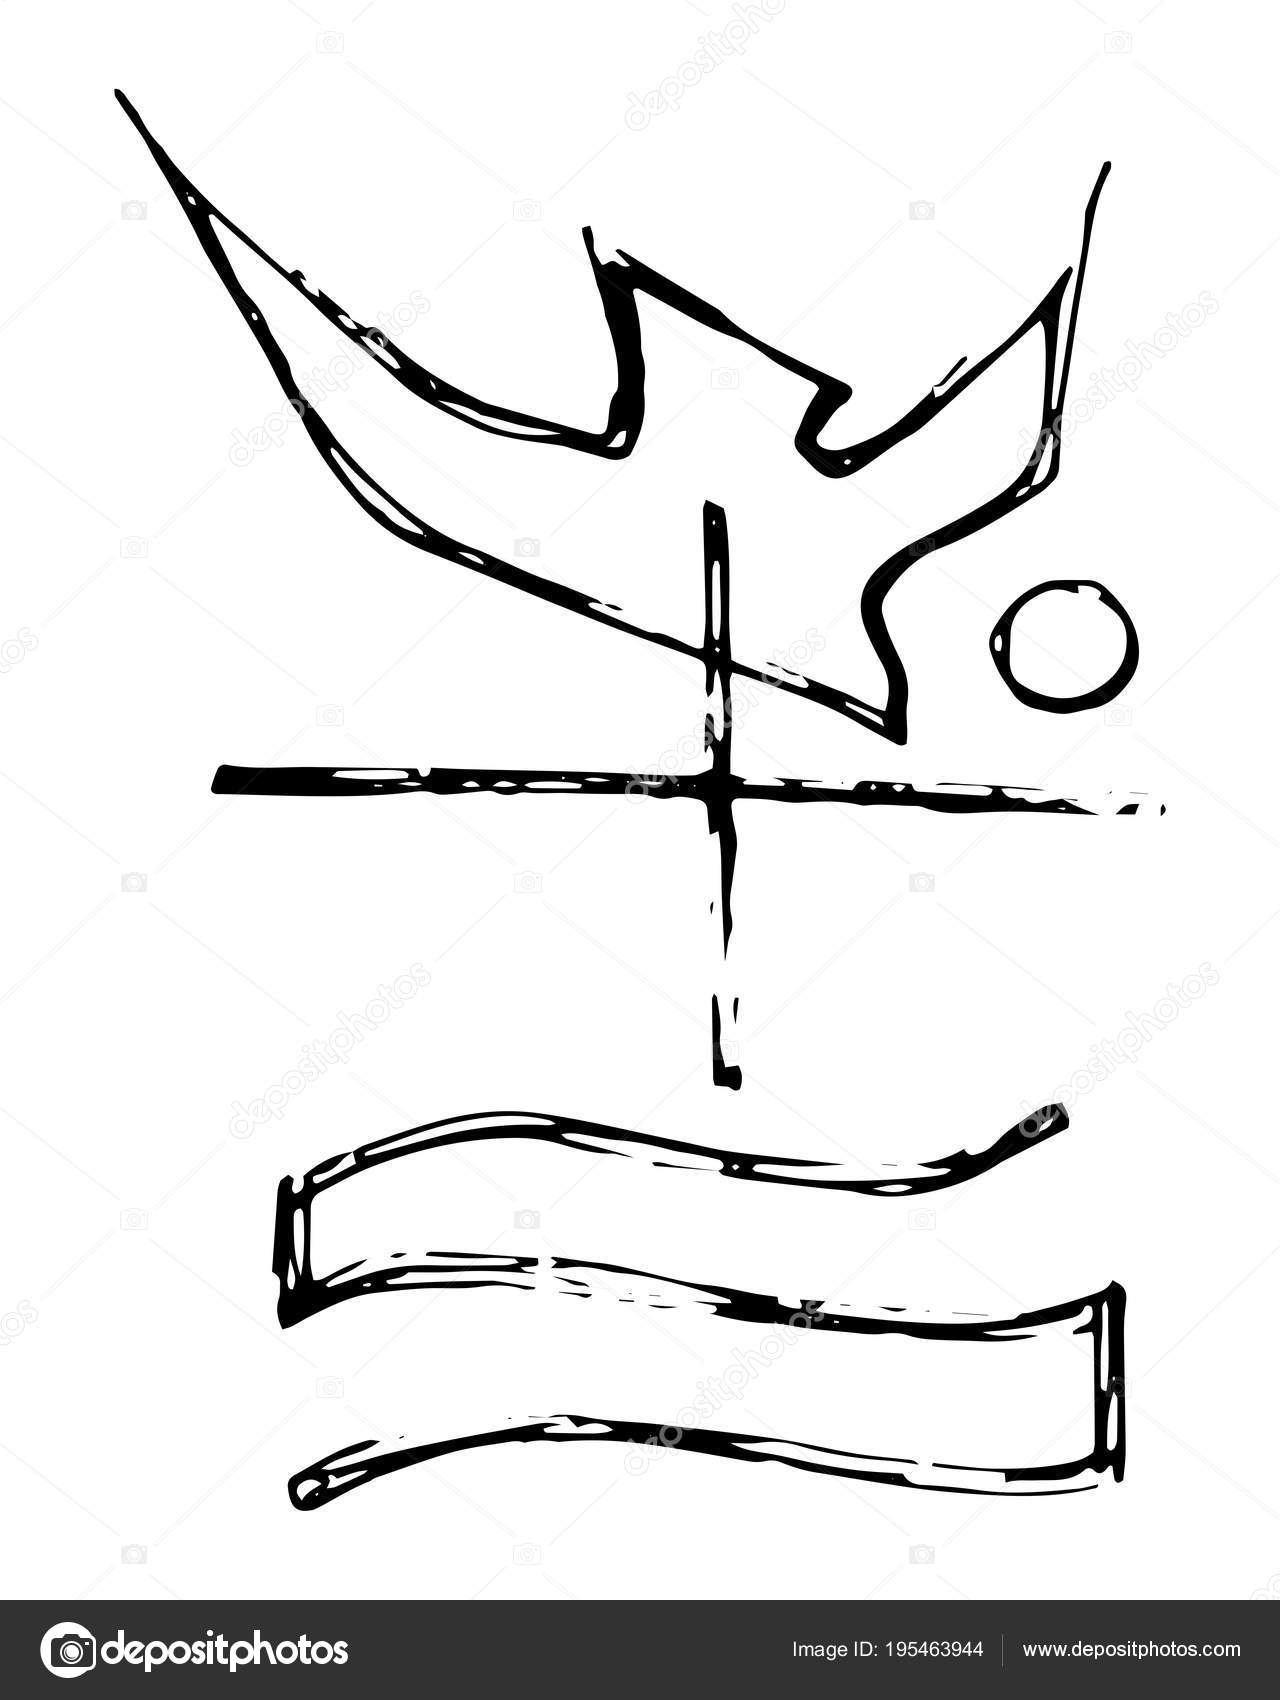 ilustração vetor mão desenhada desenho uma cruz religiosa símbolos